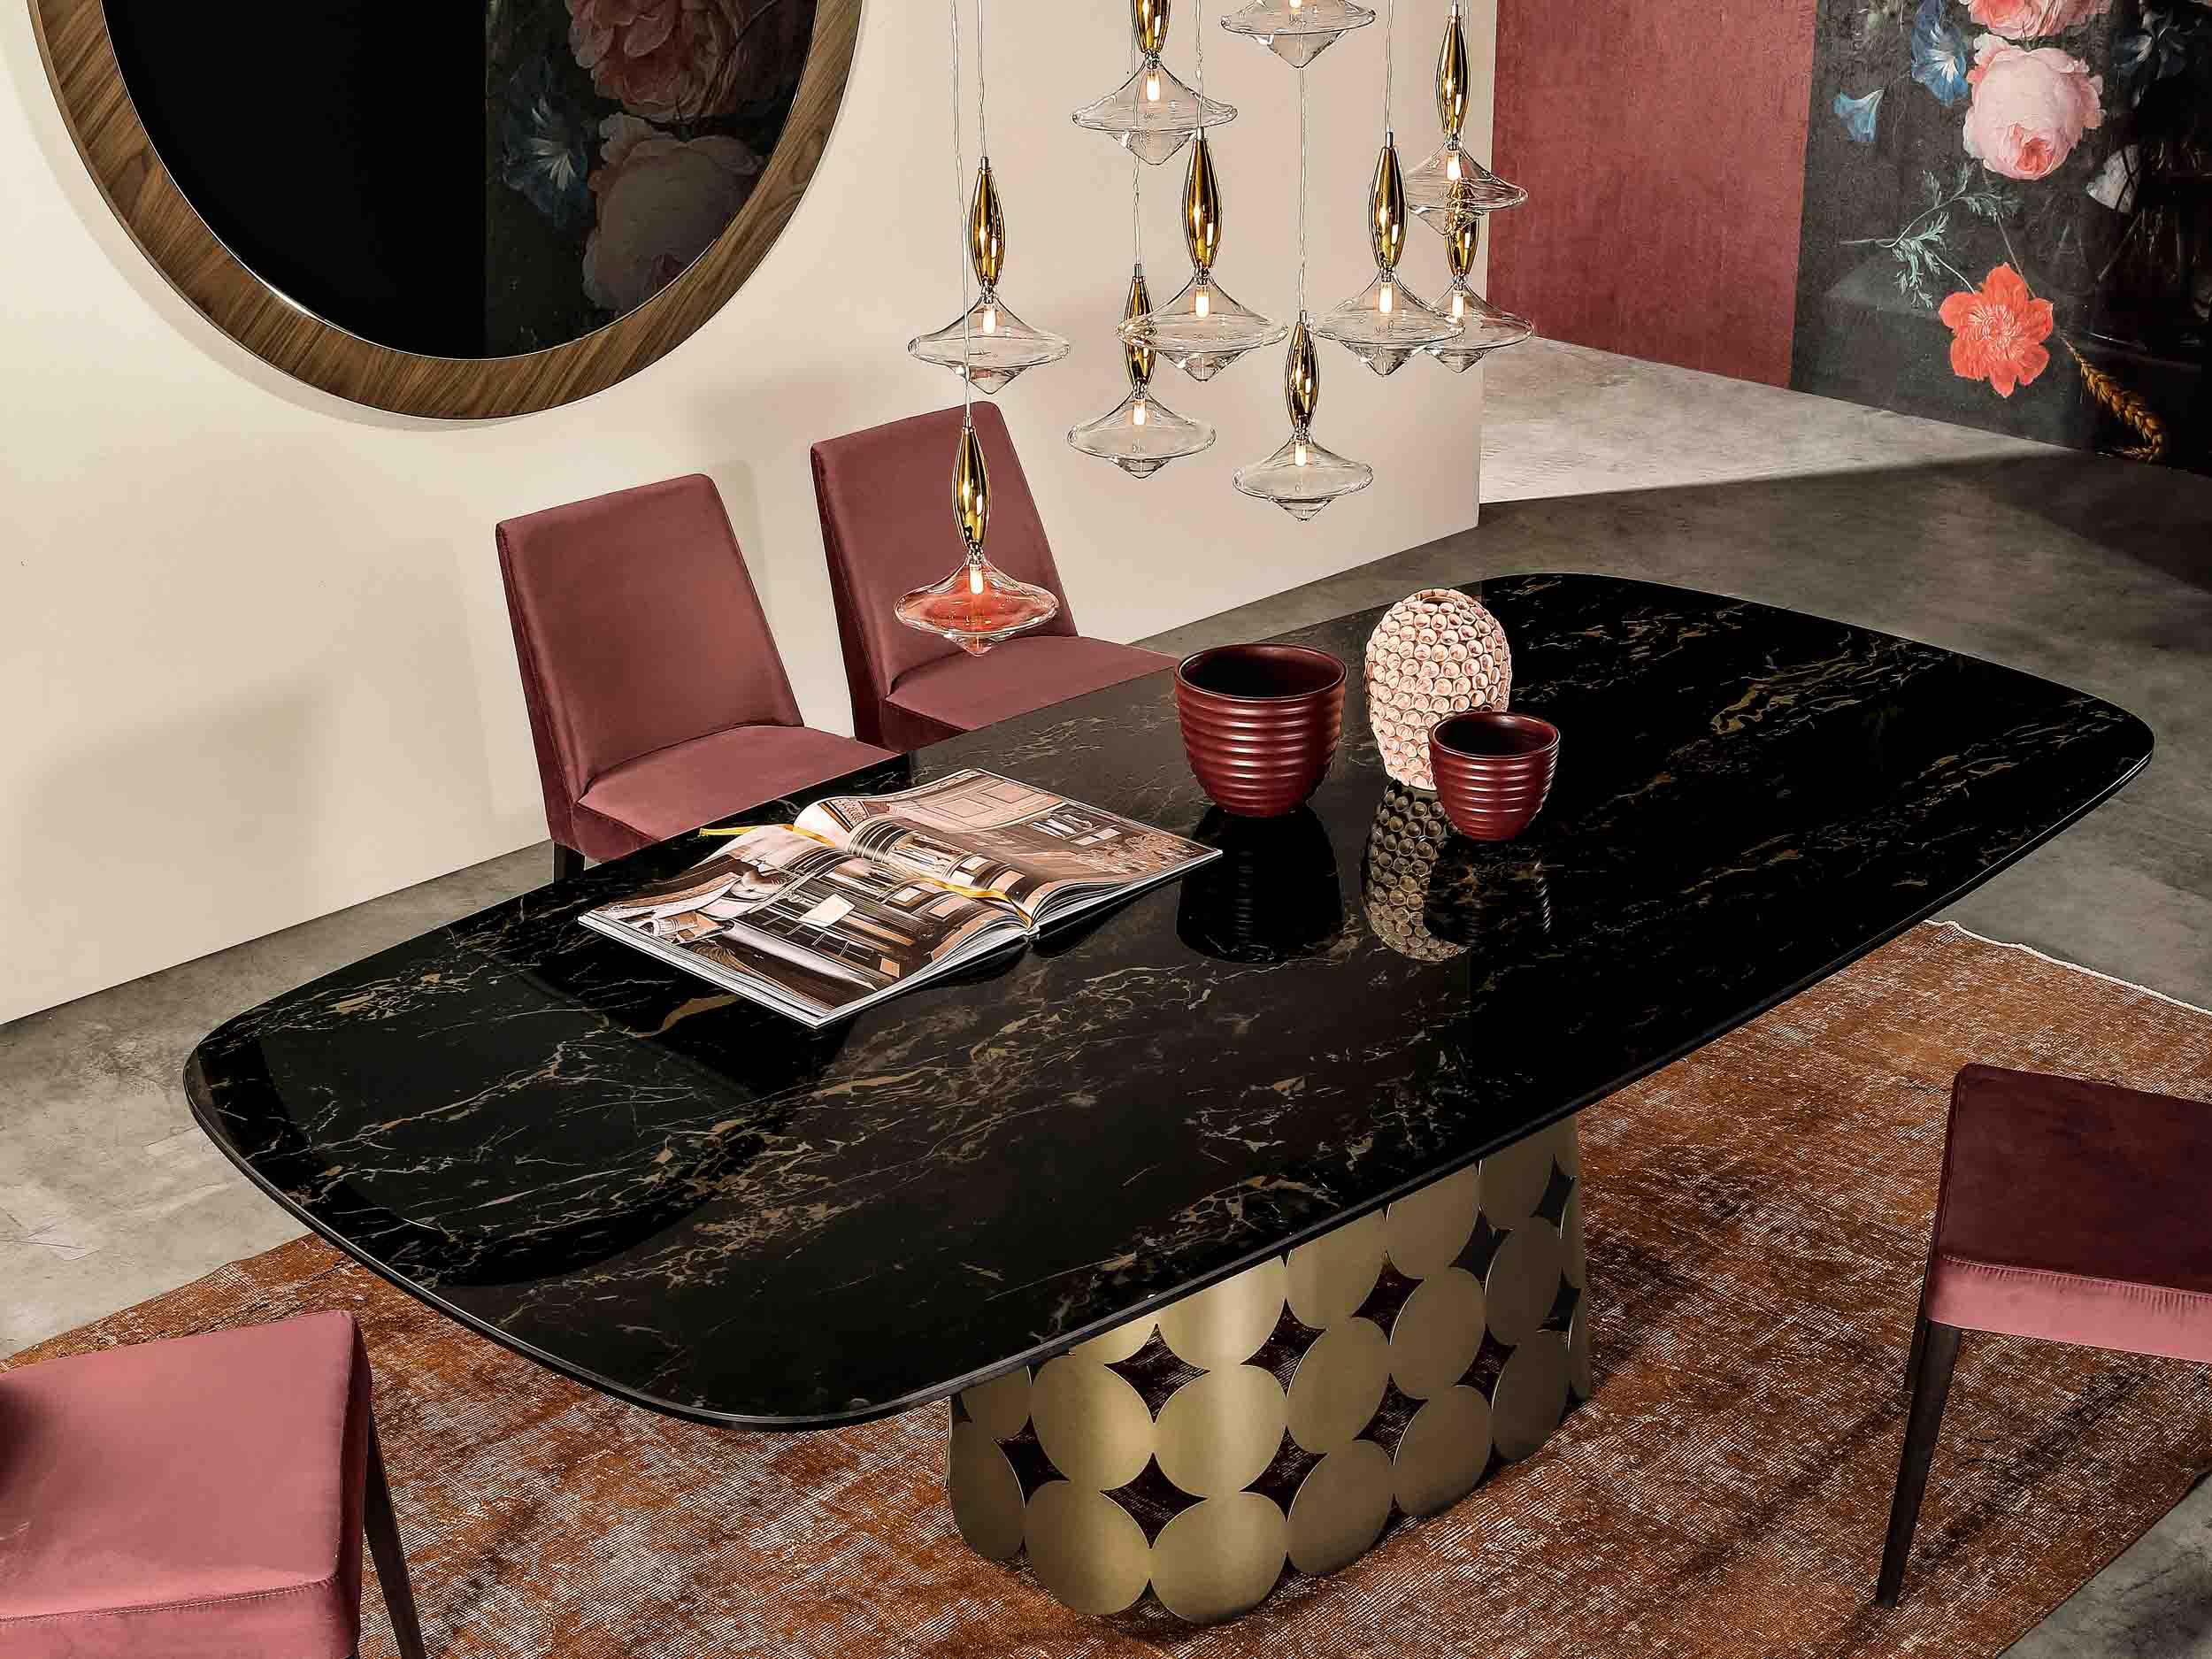 Pois Table + Sam Chair